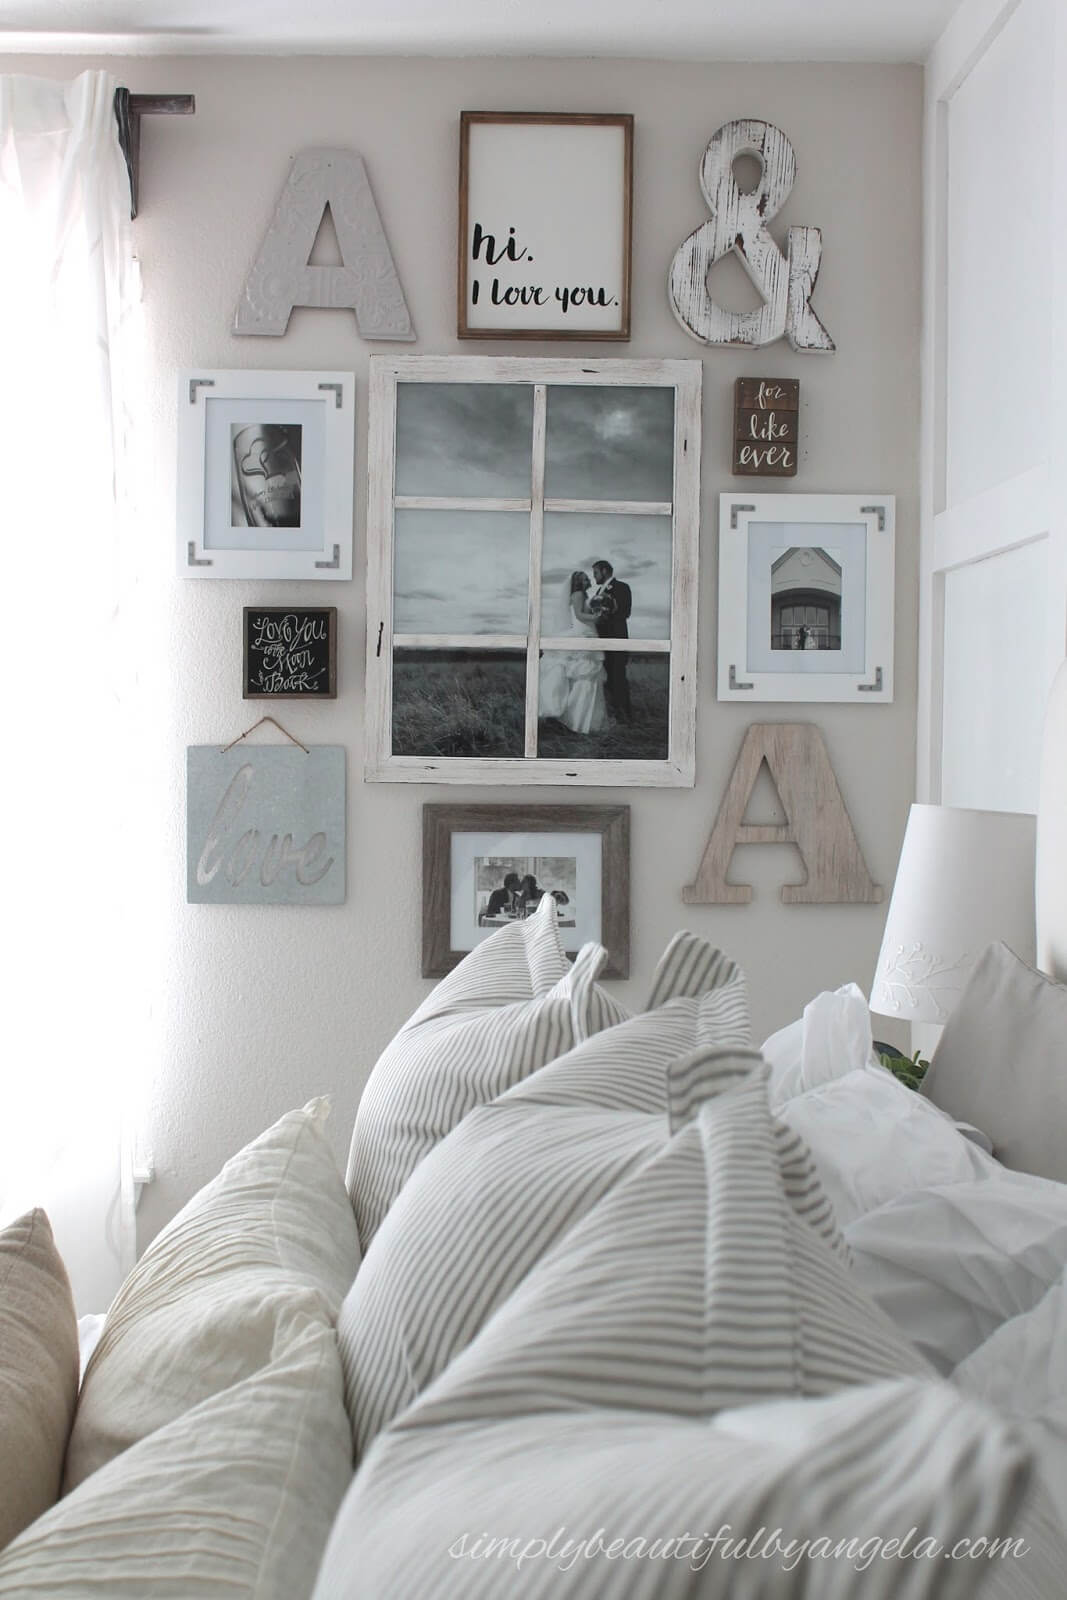 Camera da letto parete dec 15 idee per decorare con la natura - Decorare pareti camera ...